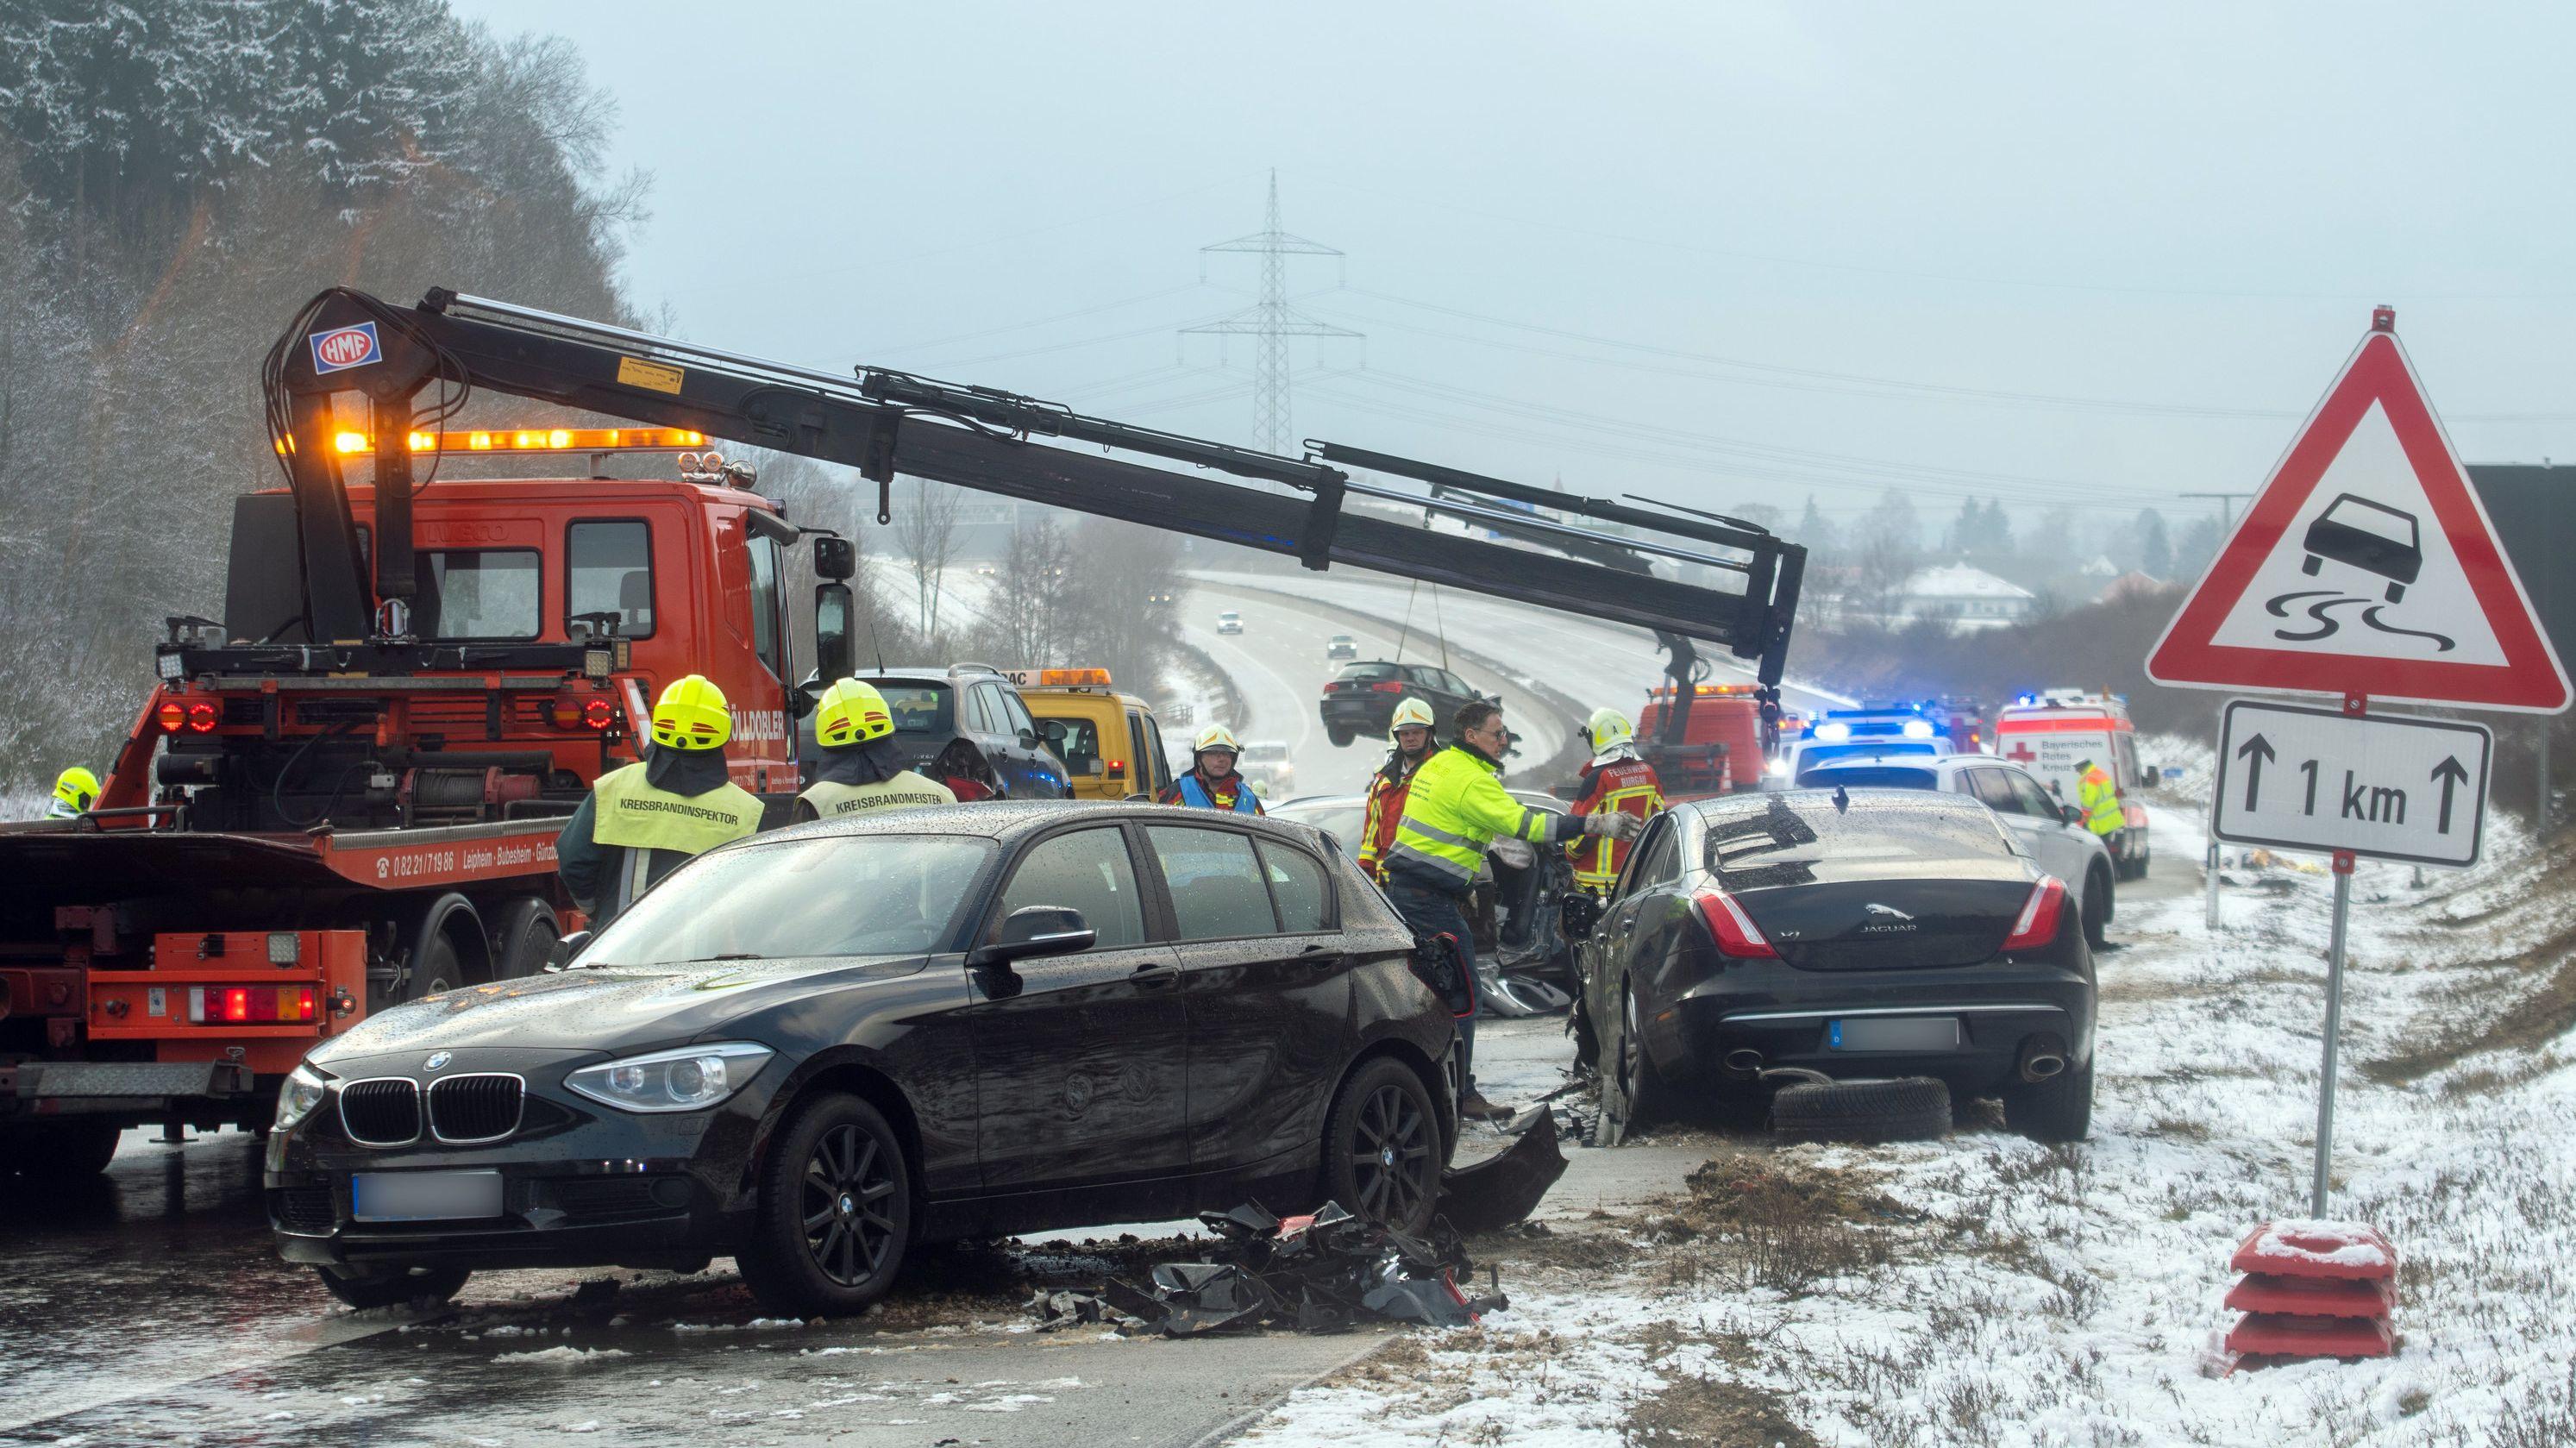 Massenkarambolage auf A8 bei Schneeglätte: 18 Verletzte